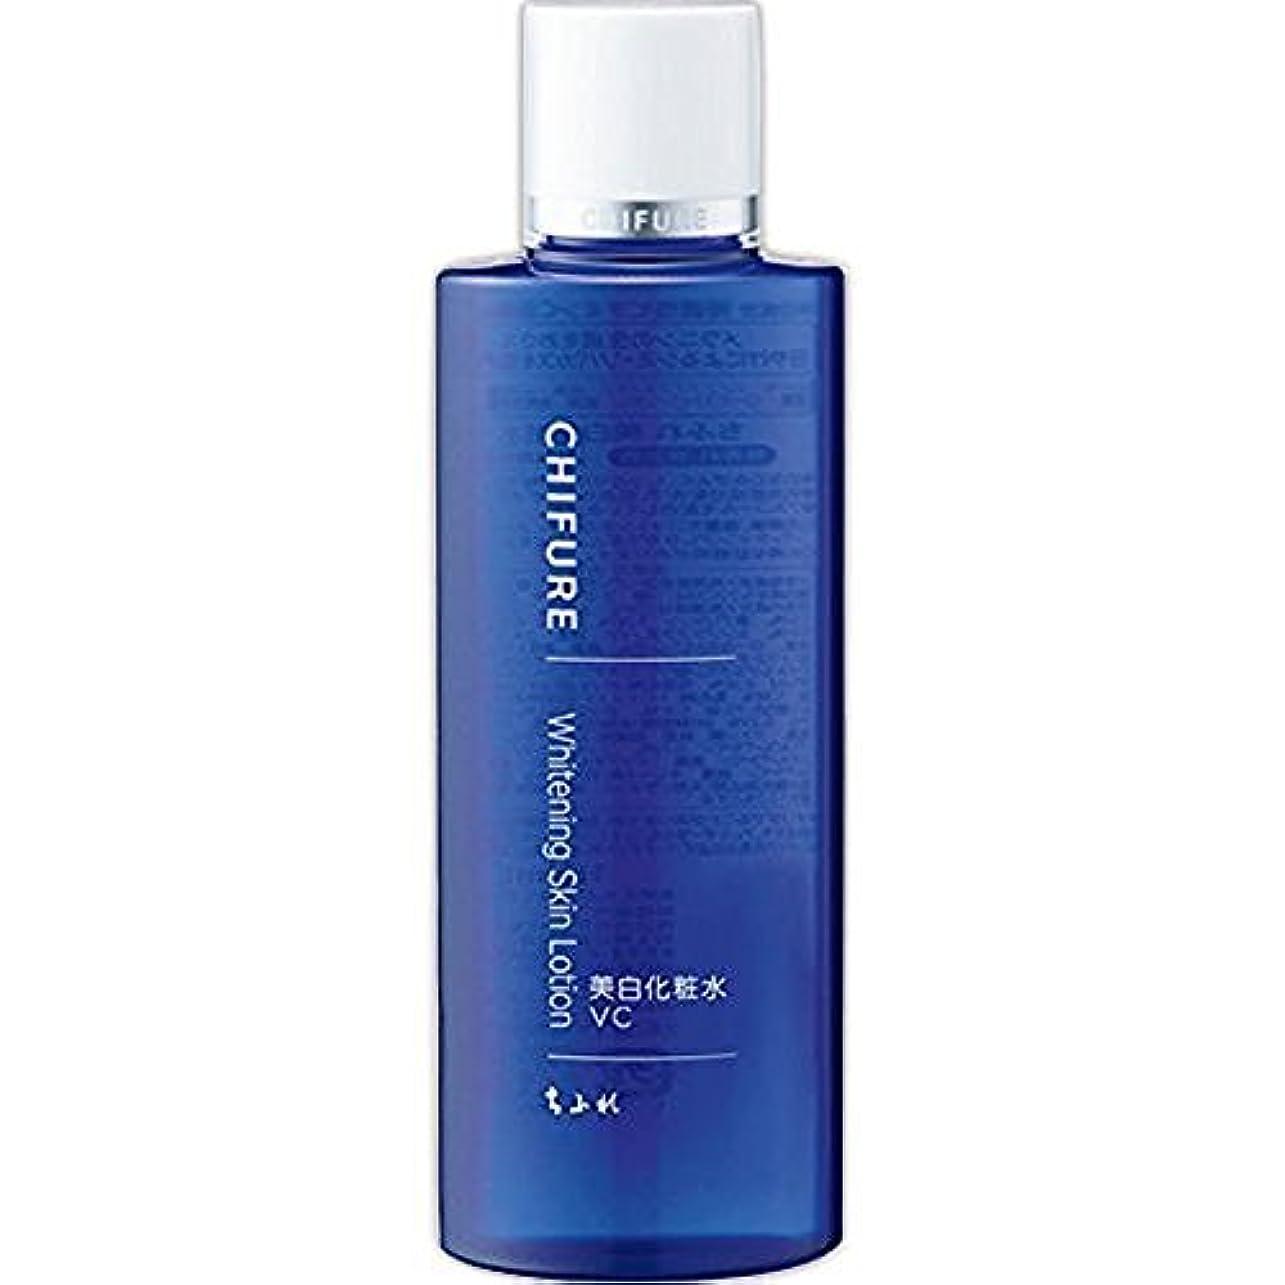 静的分泌する革命ちふれ化粧品 美白化粧水 VC 180ML (医薬部外品)